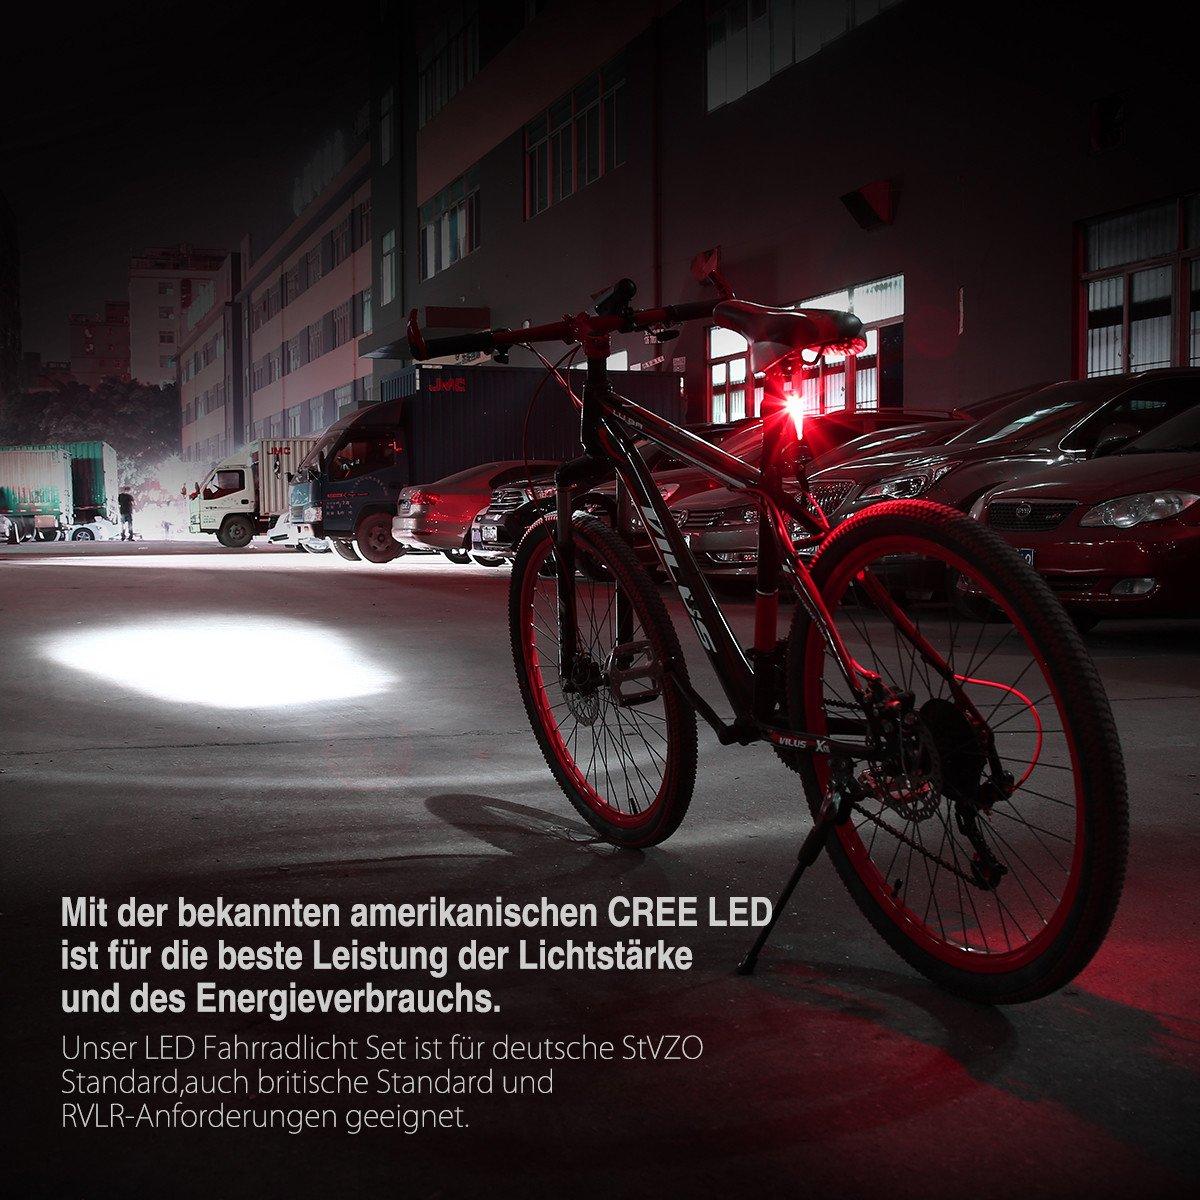 Poweradd StVZO zugelassen LED Fahrradlicht Set inkl. Frontlichter und Rücklicht